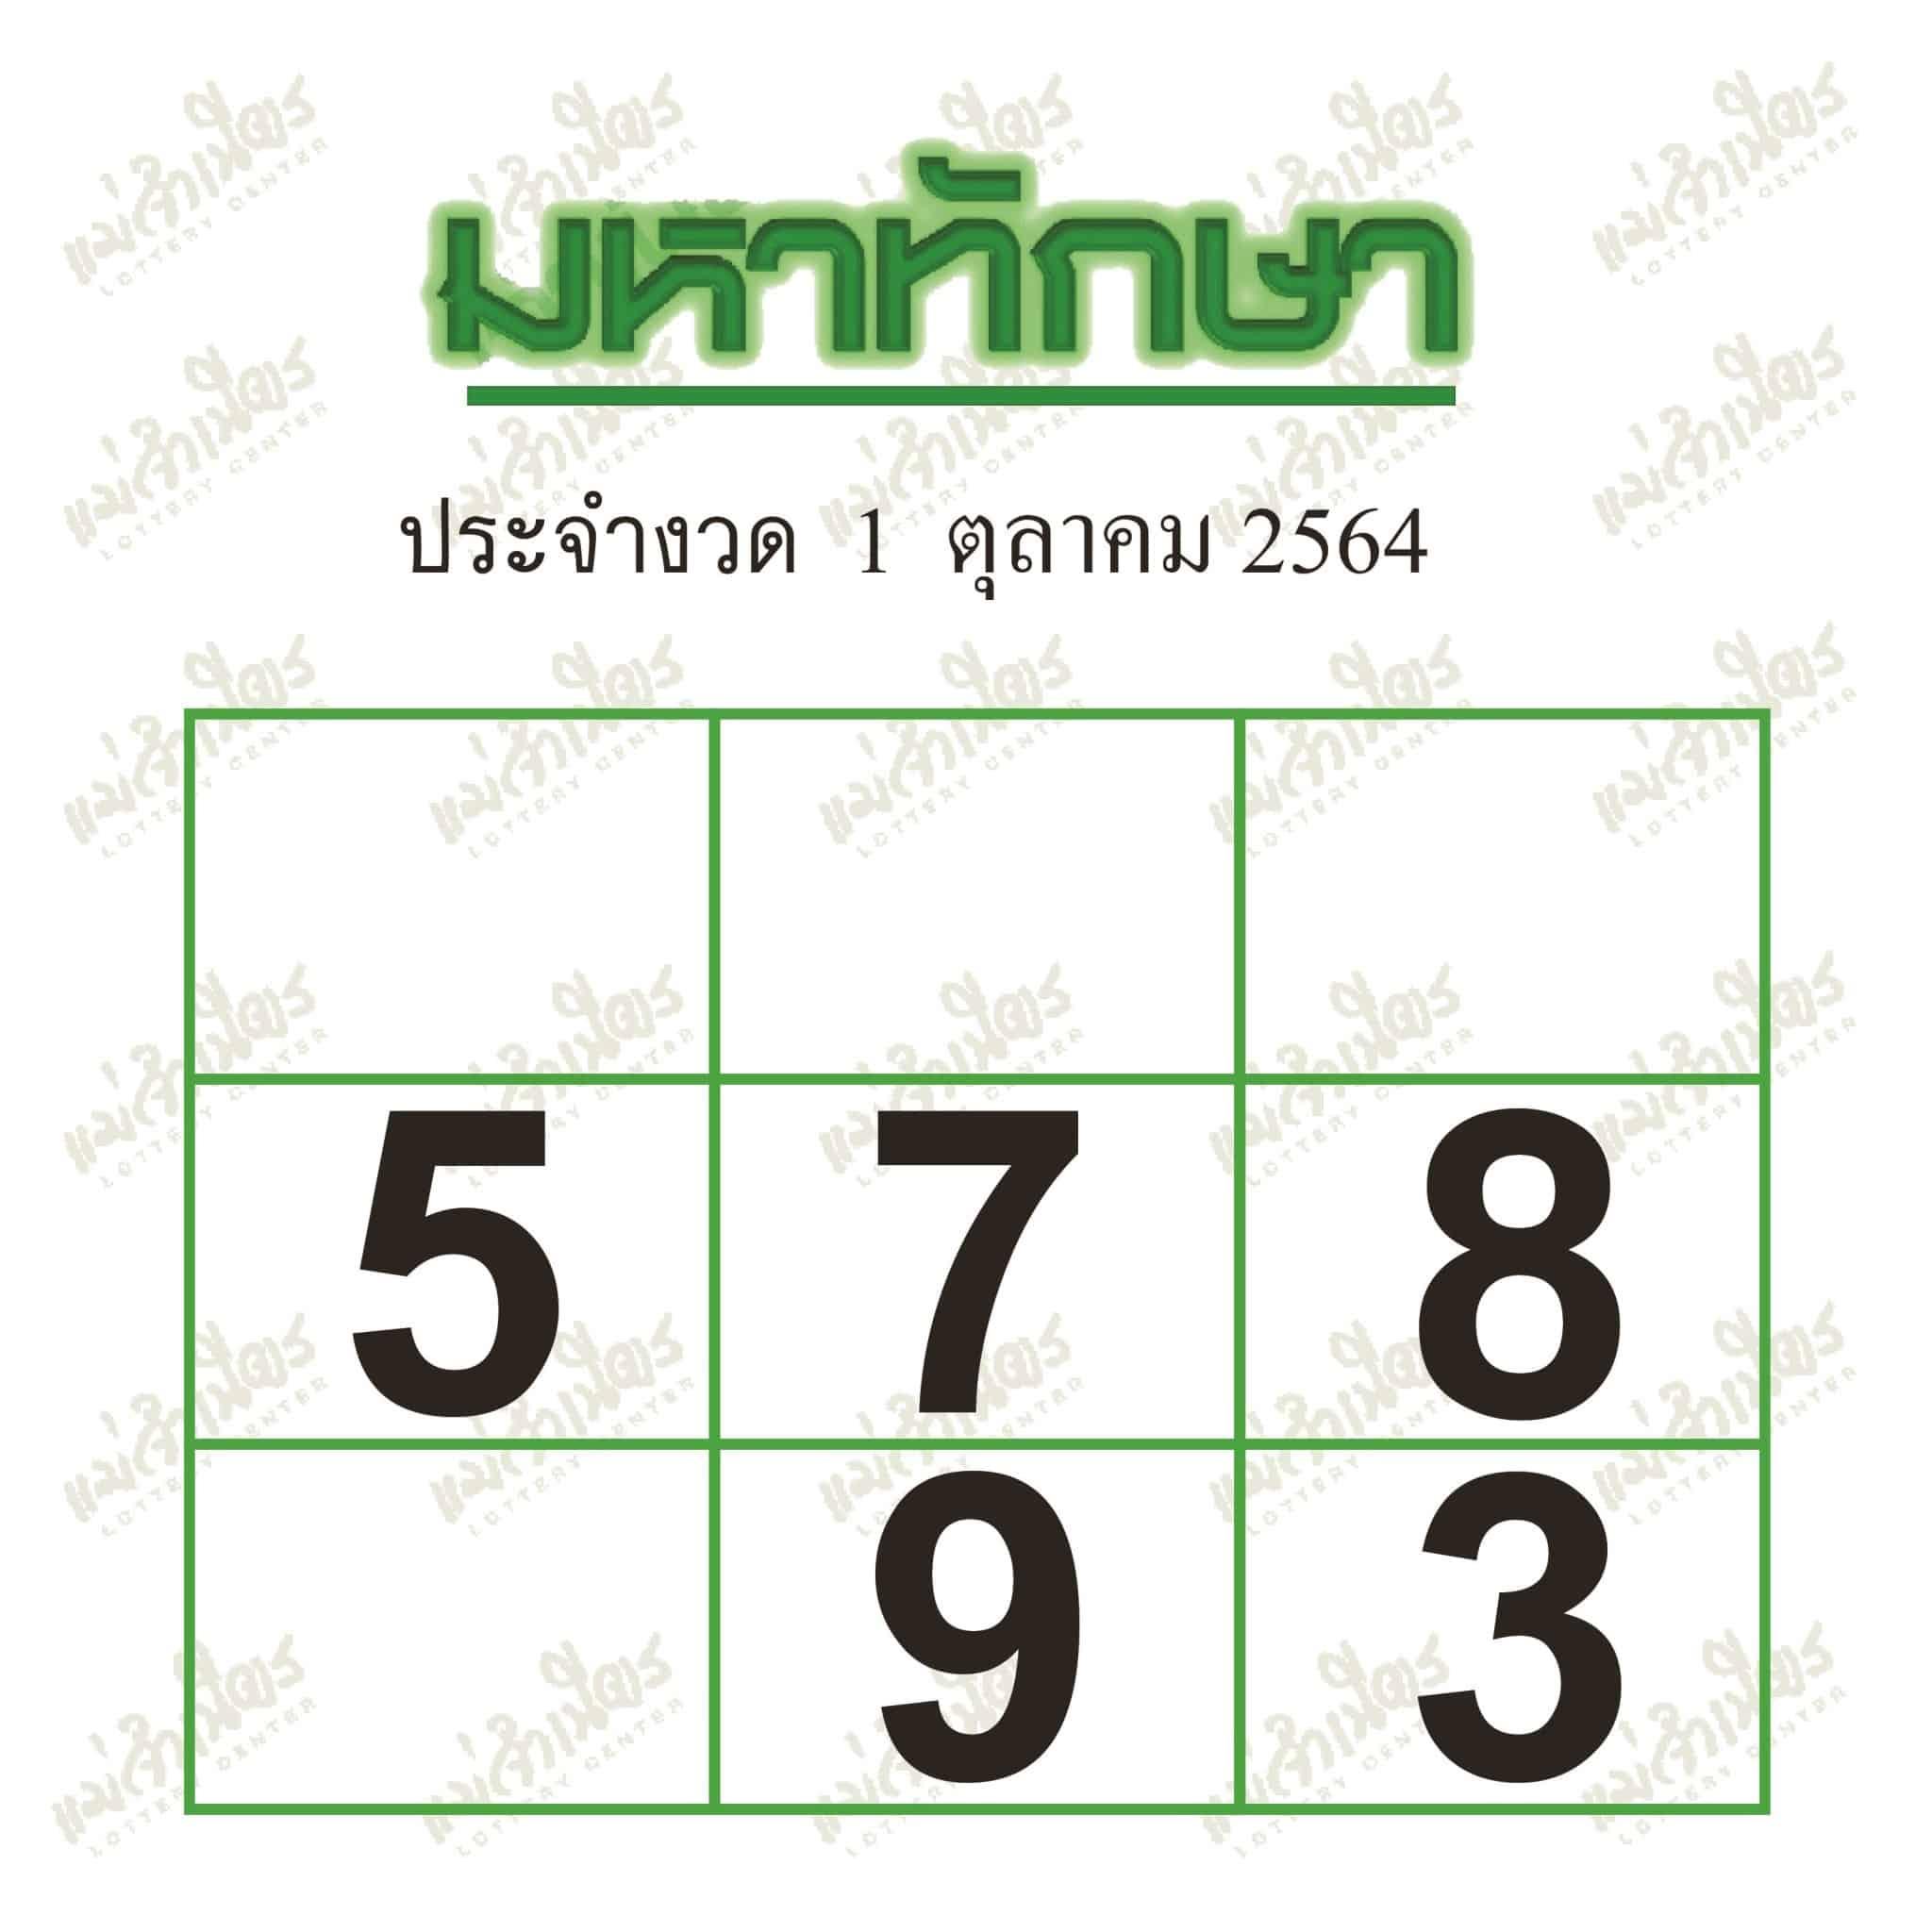 หวยซอง หวยมหาทักษา-011064